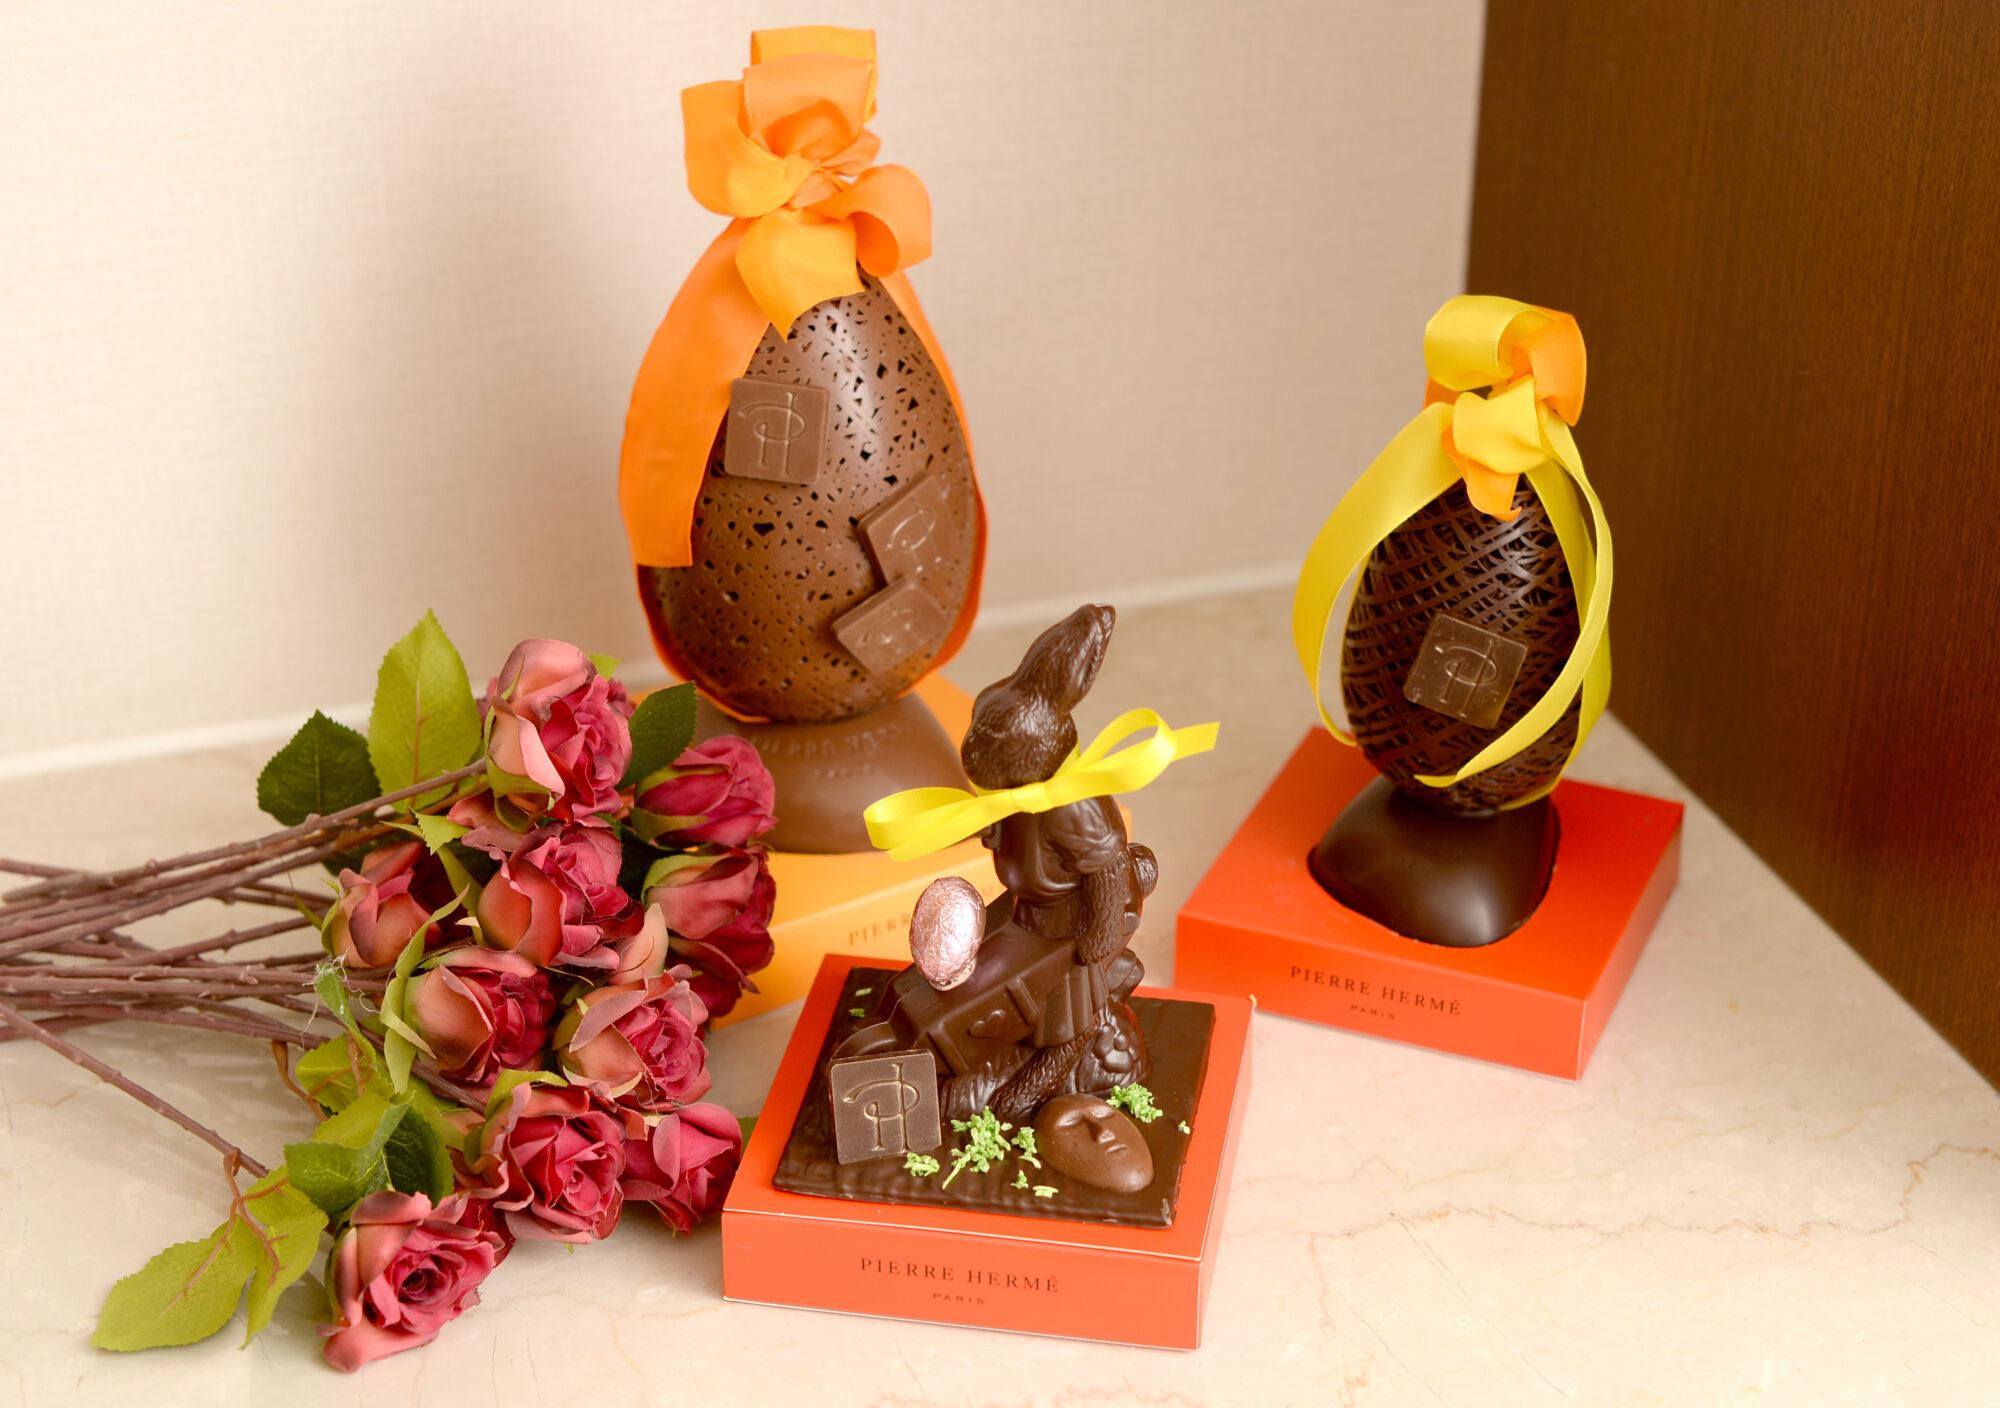 可愛いイースターエッグで復活祭を祝おう!ピエール・エルメ・パリ『ウフ ダンテル』